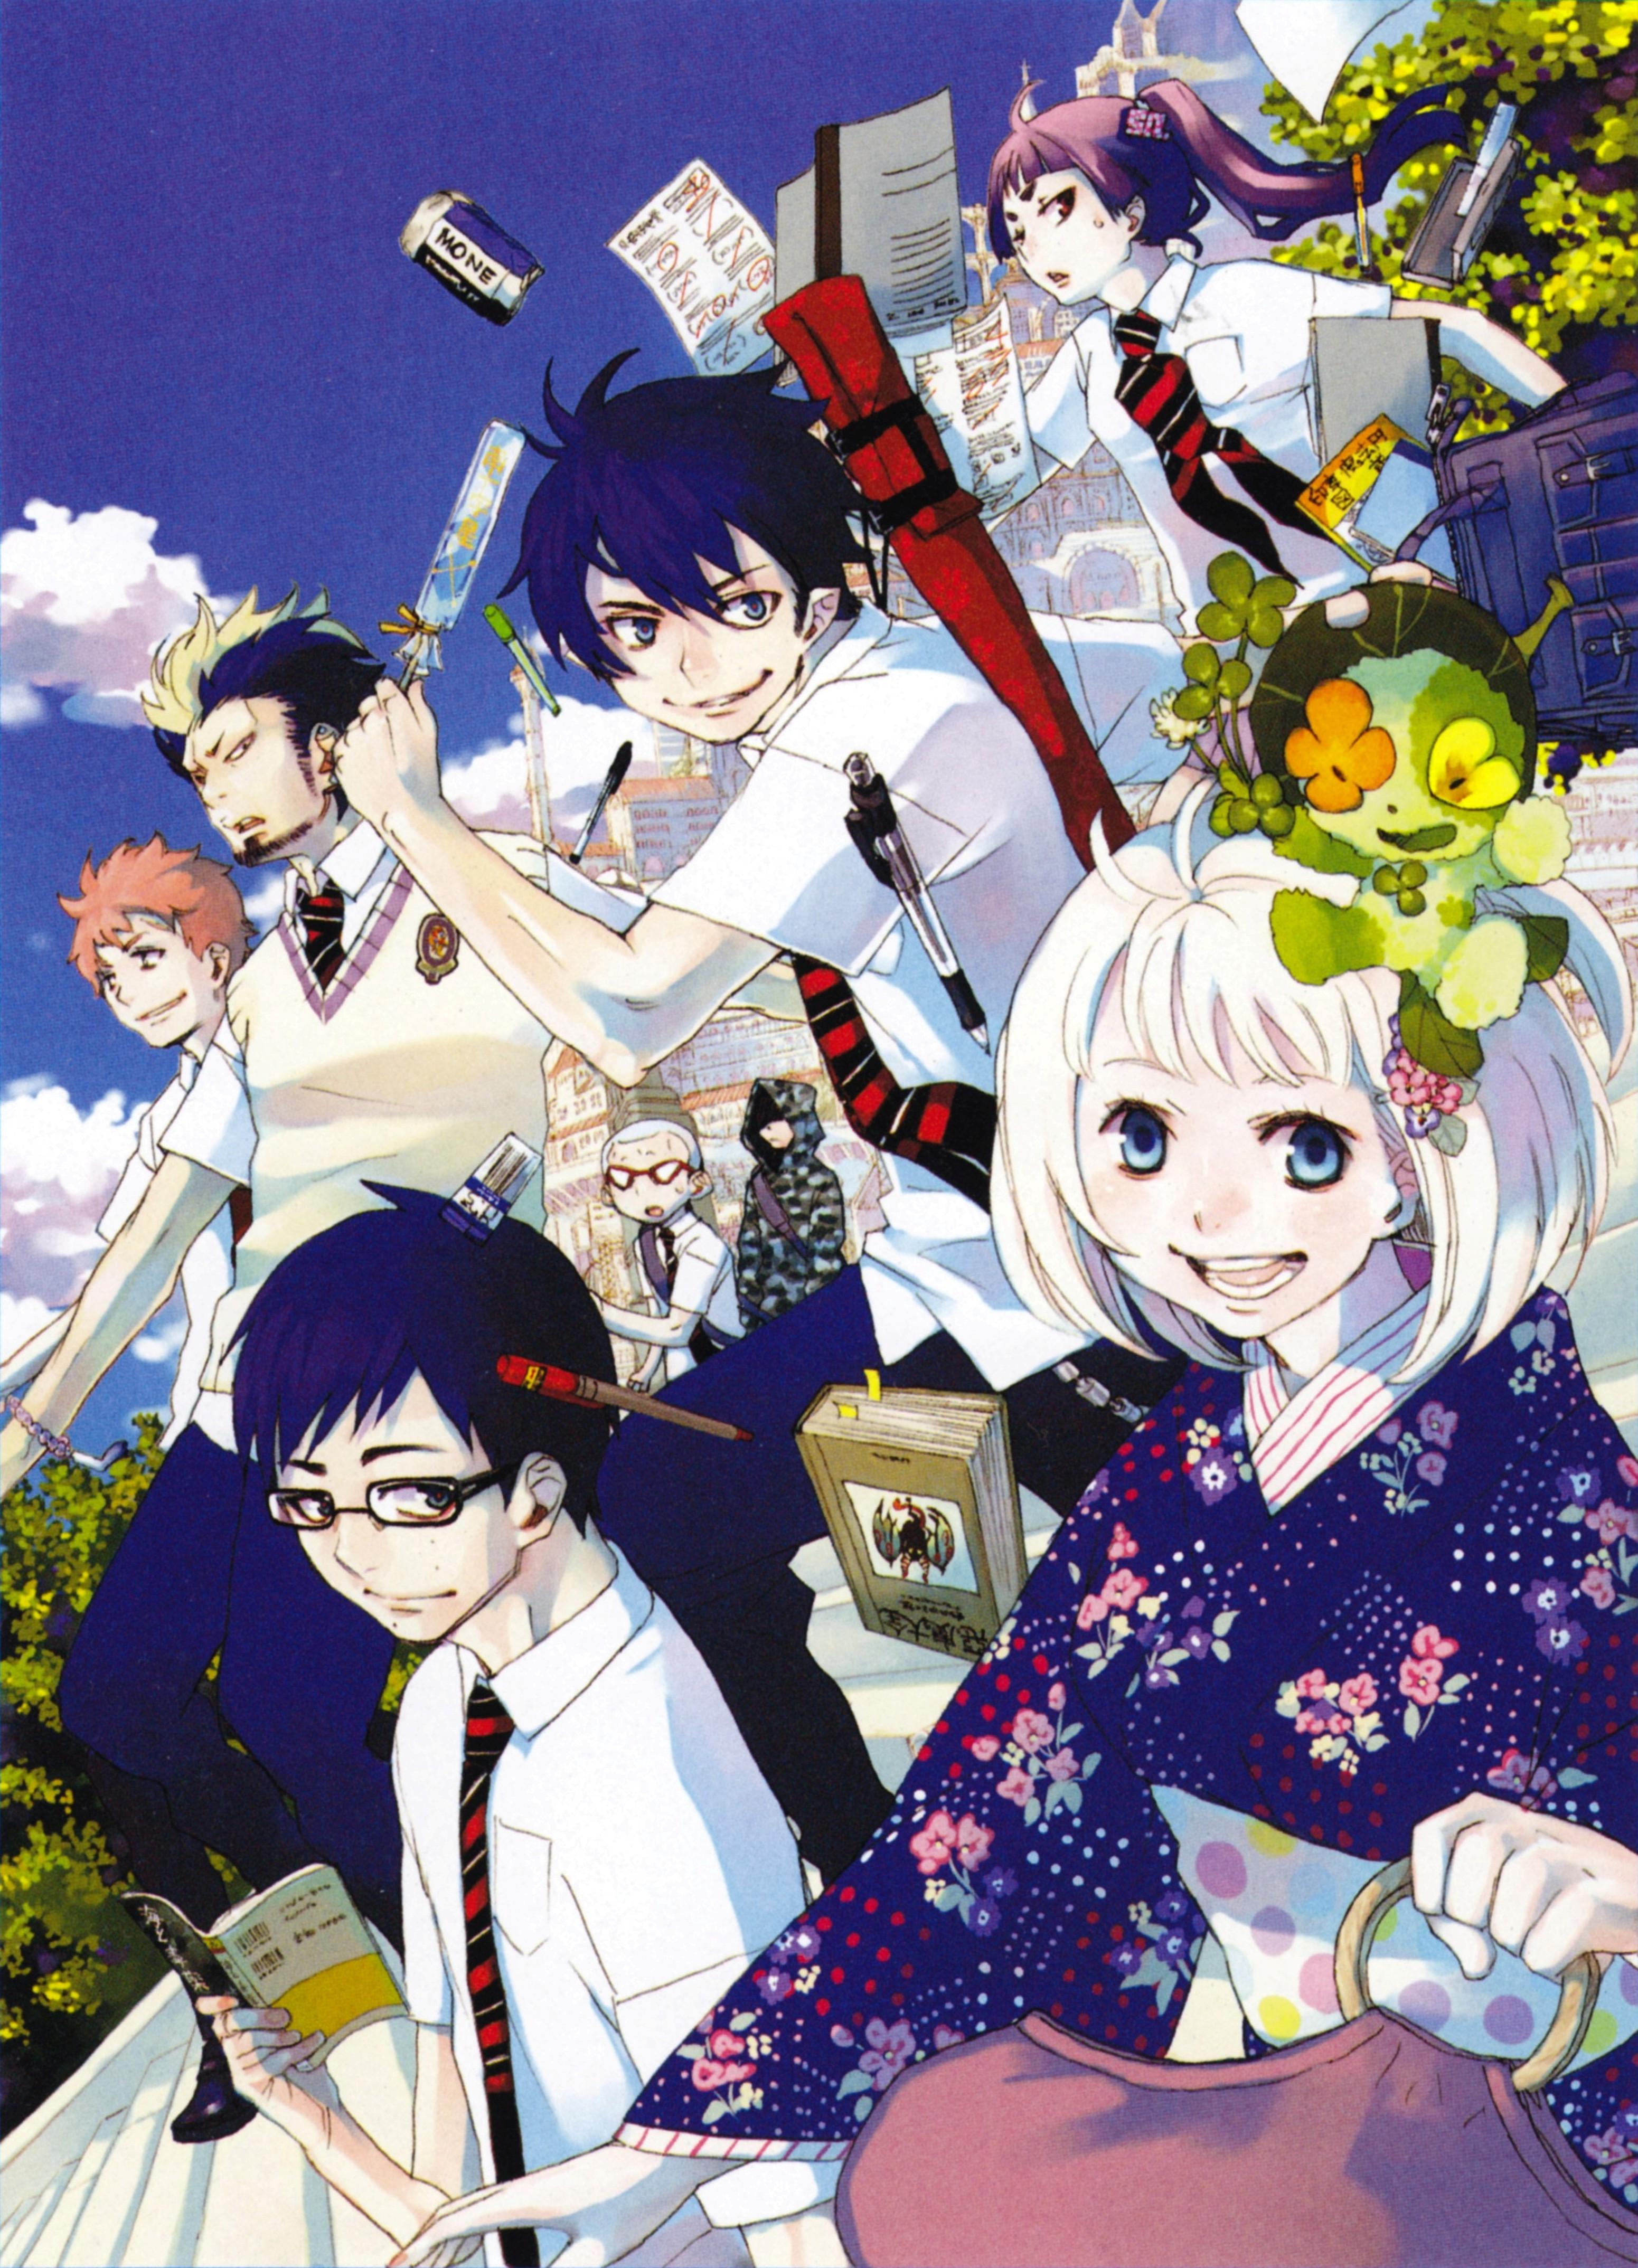 Ao no Exorcist (Blue Exorcist) Image #2129907 - Zerochan Anime Image Board